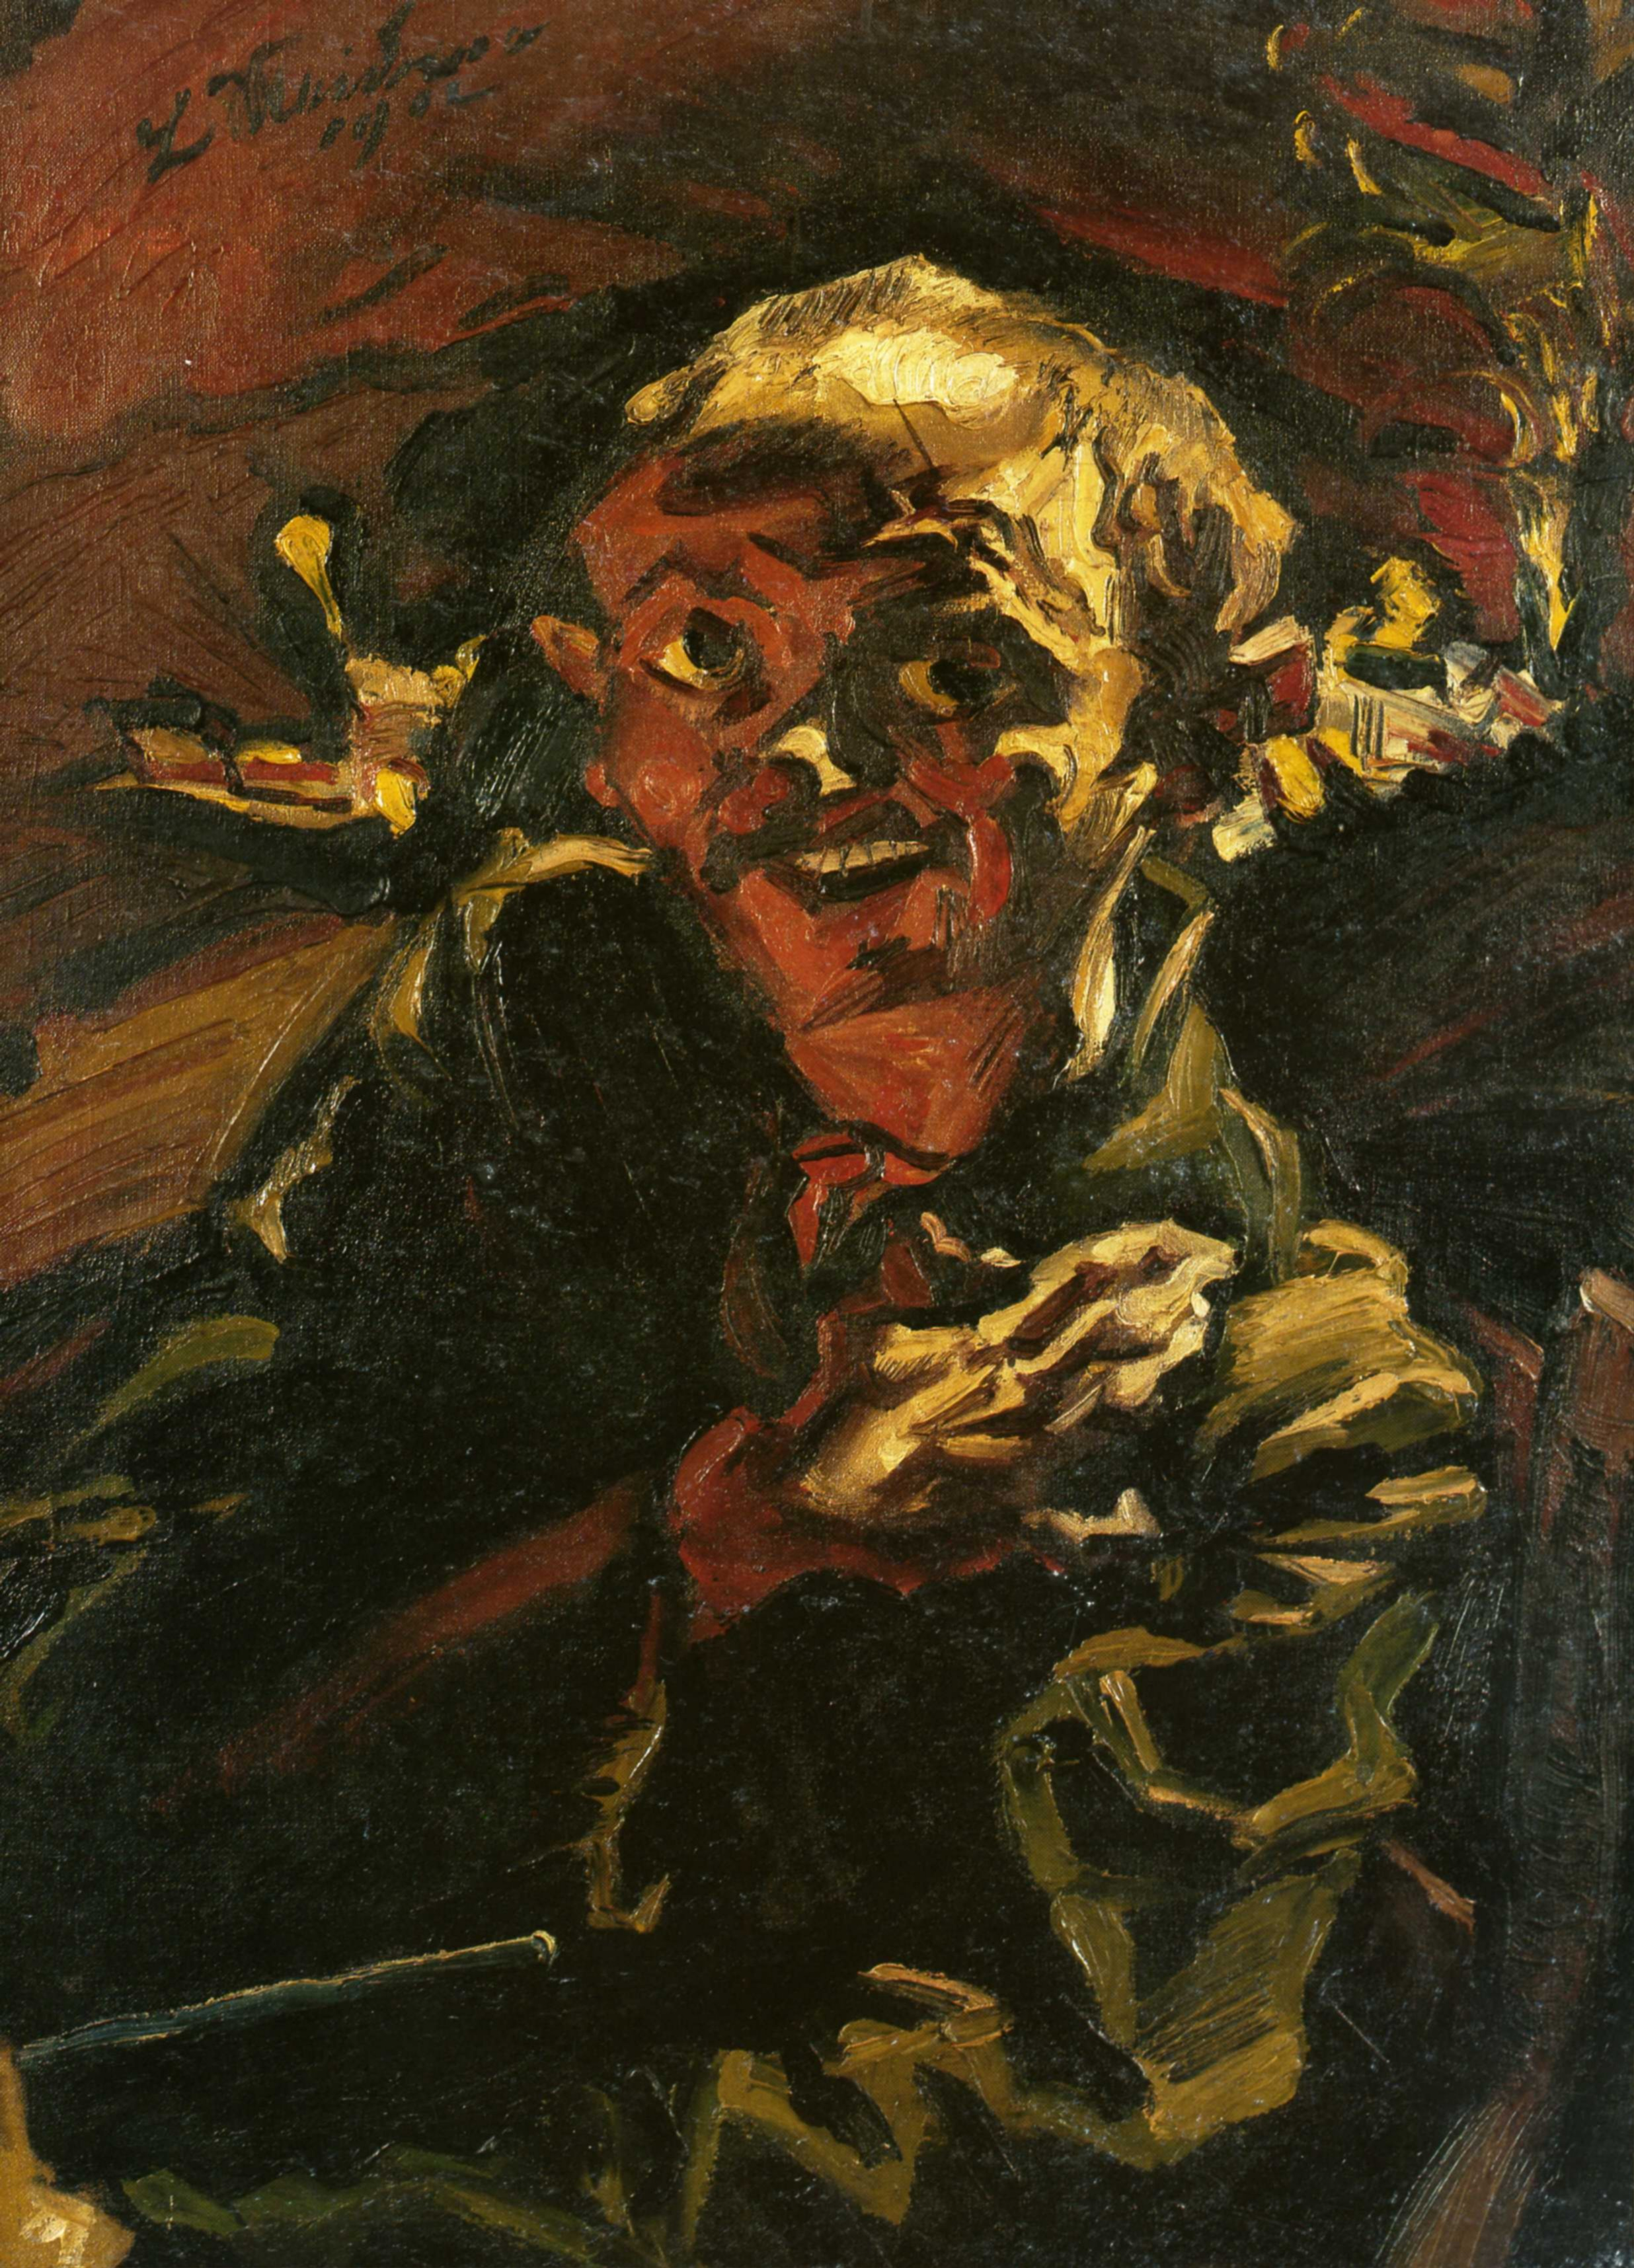 Людвиг Мейднер (1884 — 1966) — немецкий художник и писатель, представитель экспрессионистского направления в искусстве. 1912. «Автопортрет»